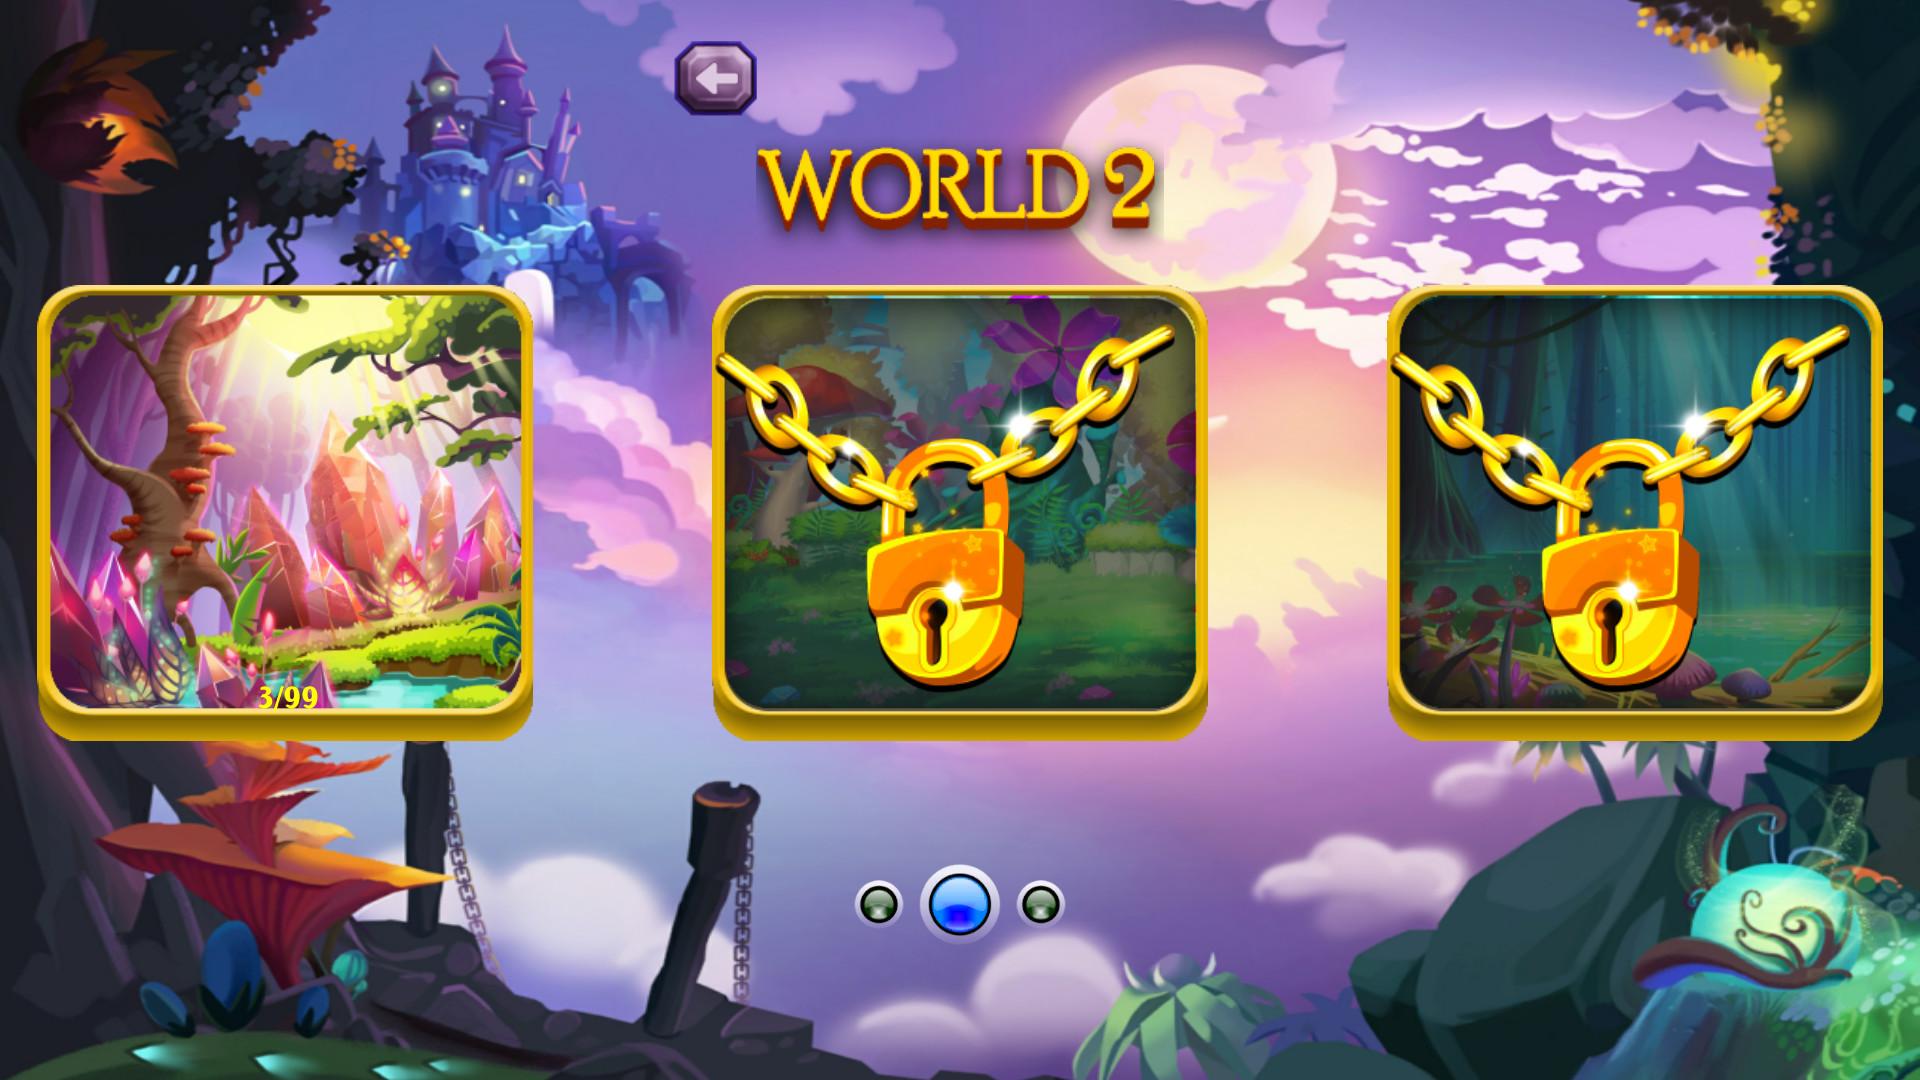 com.steam.716850-screenshot